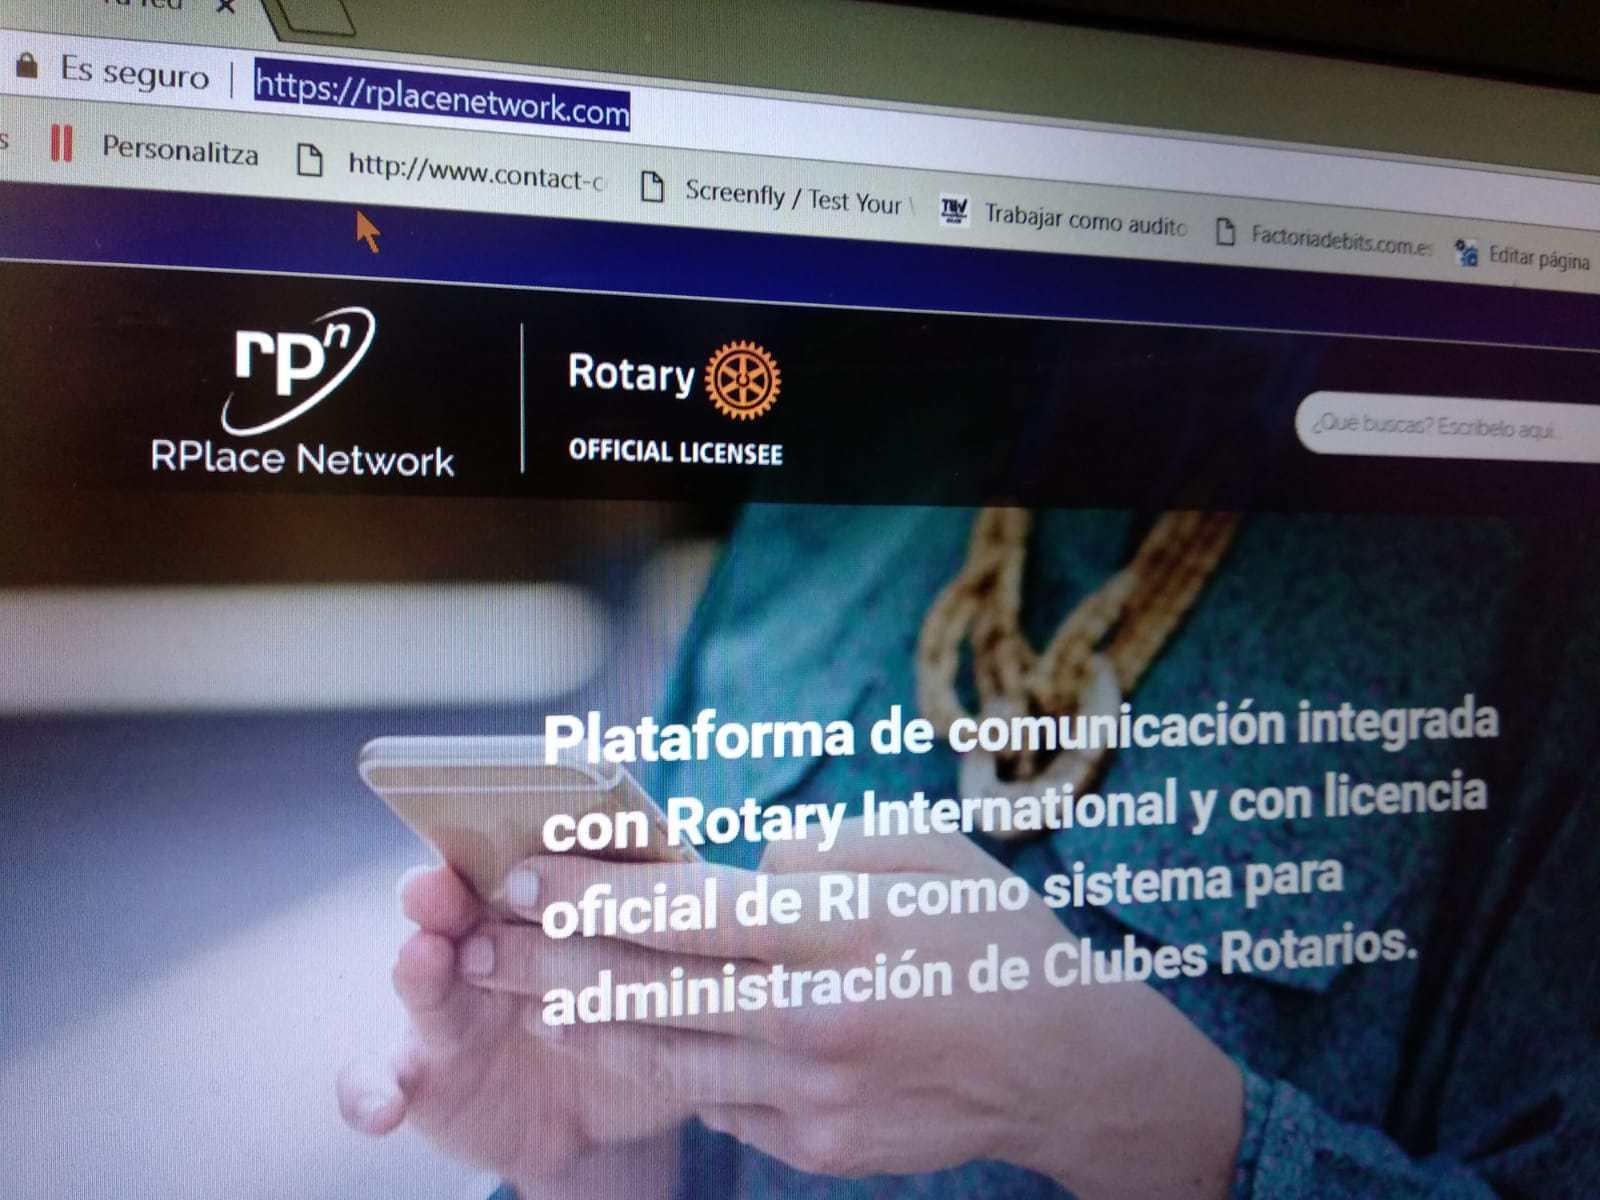 RPlace Network : La herramienta tridistrital para gestionar los datos de los rotarios españoles